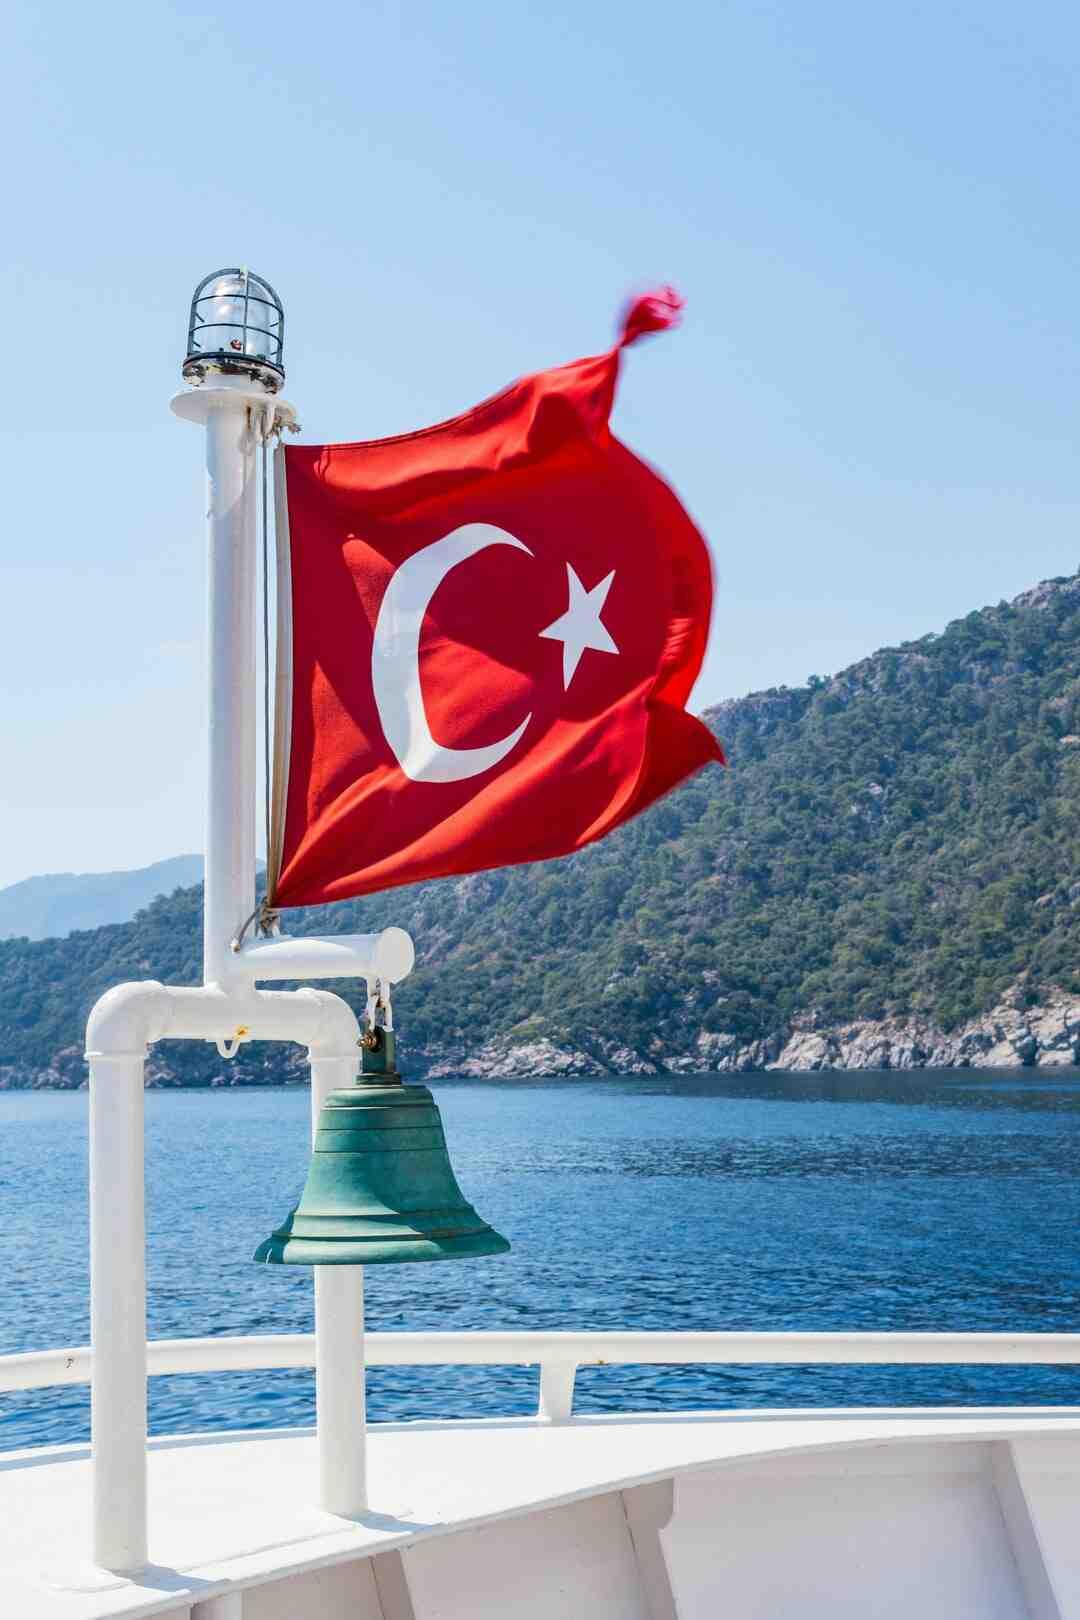 Comment apprendre à parler turc